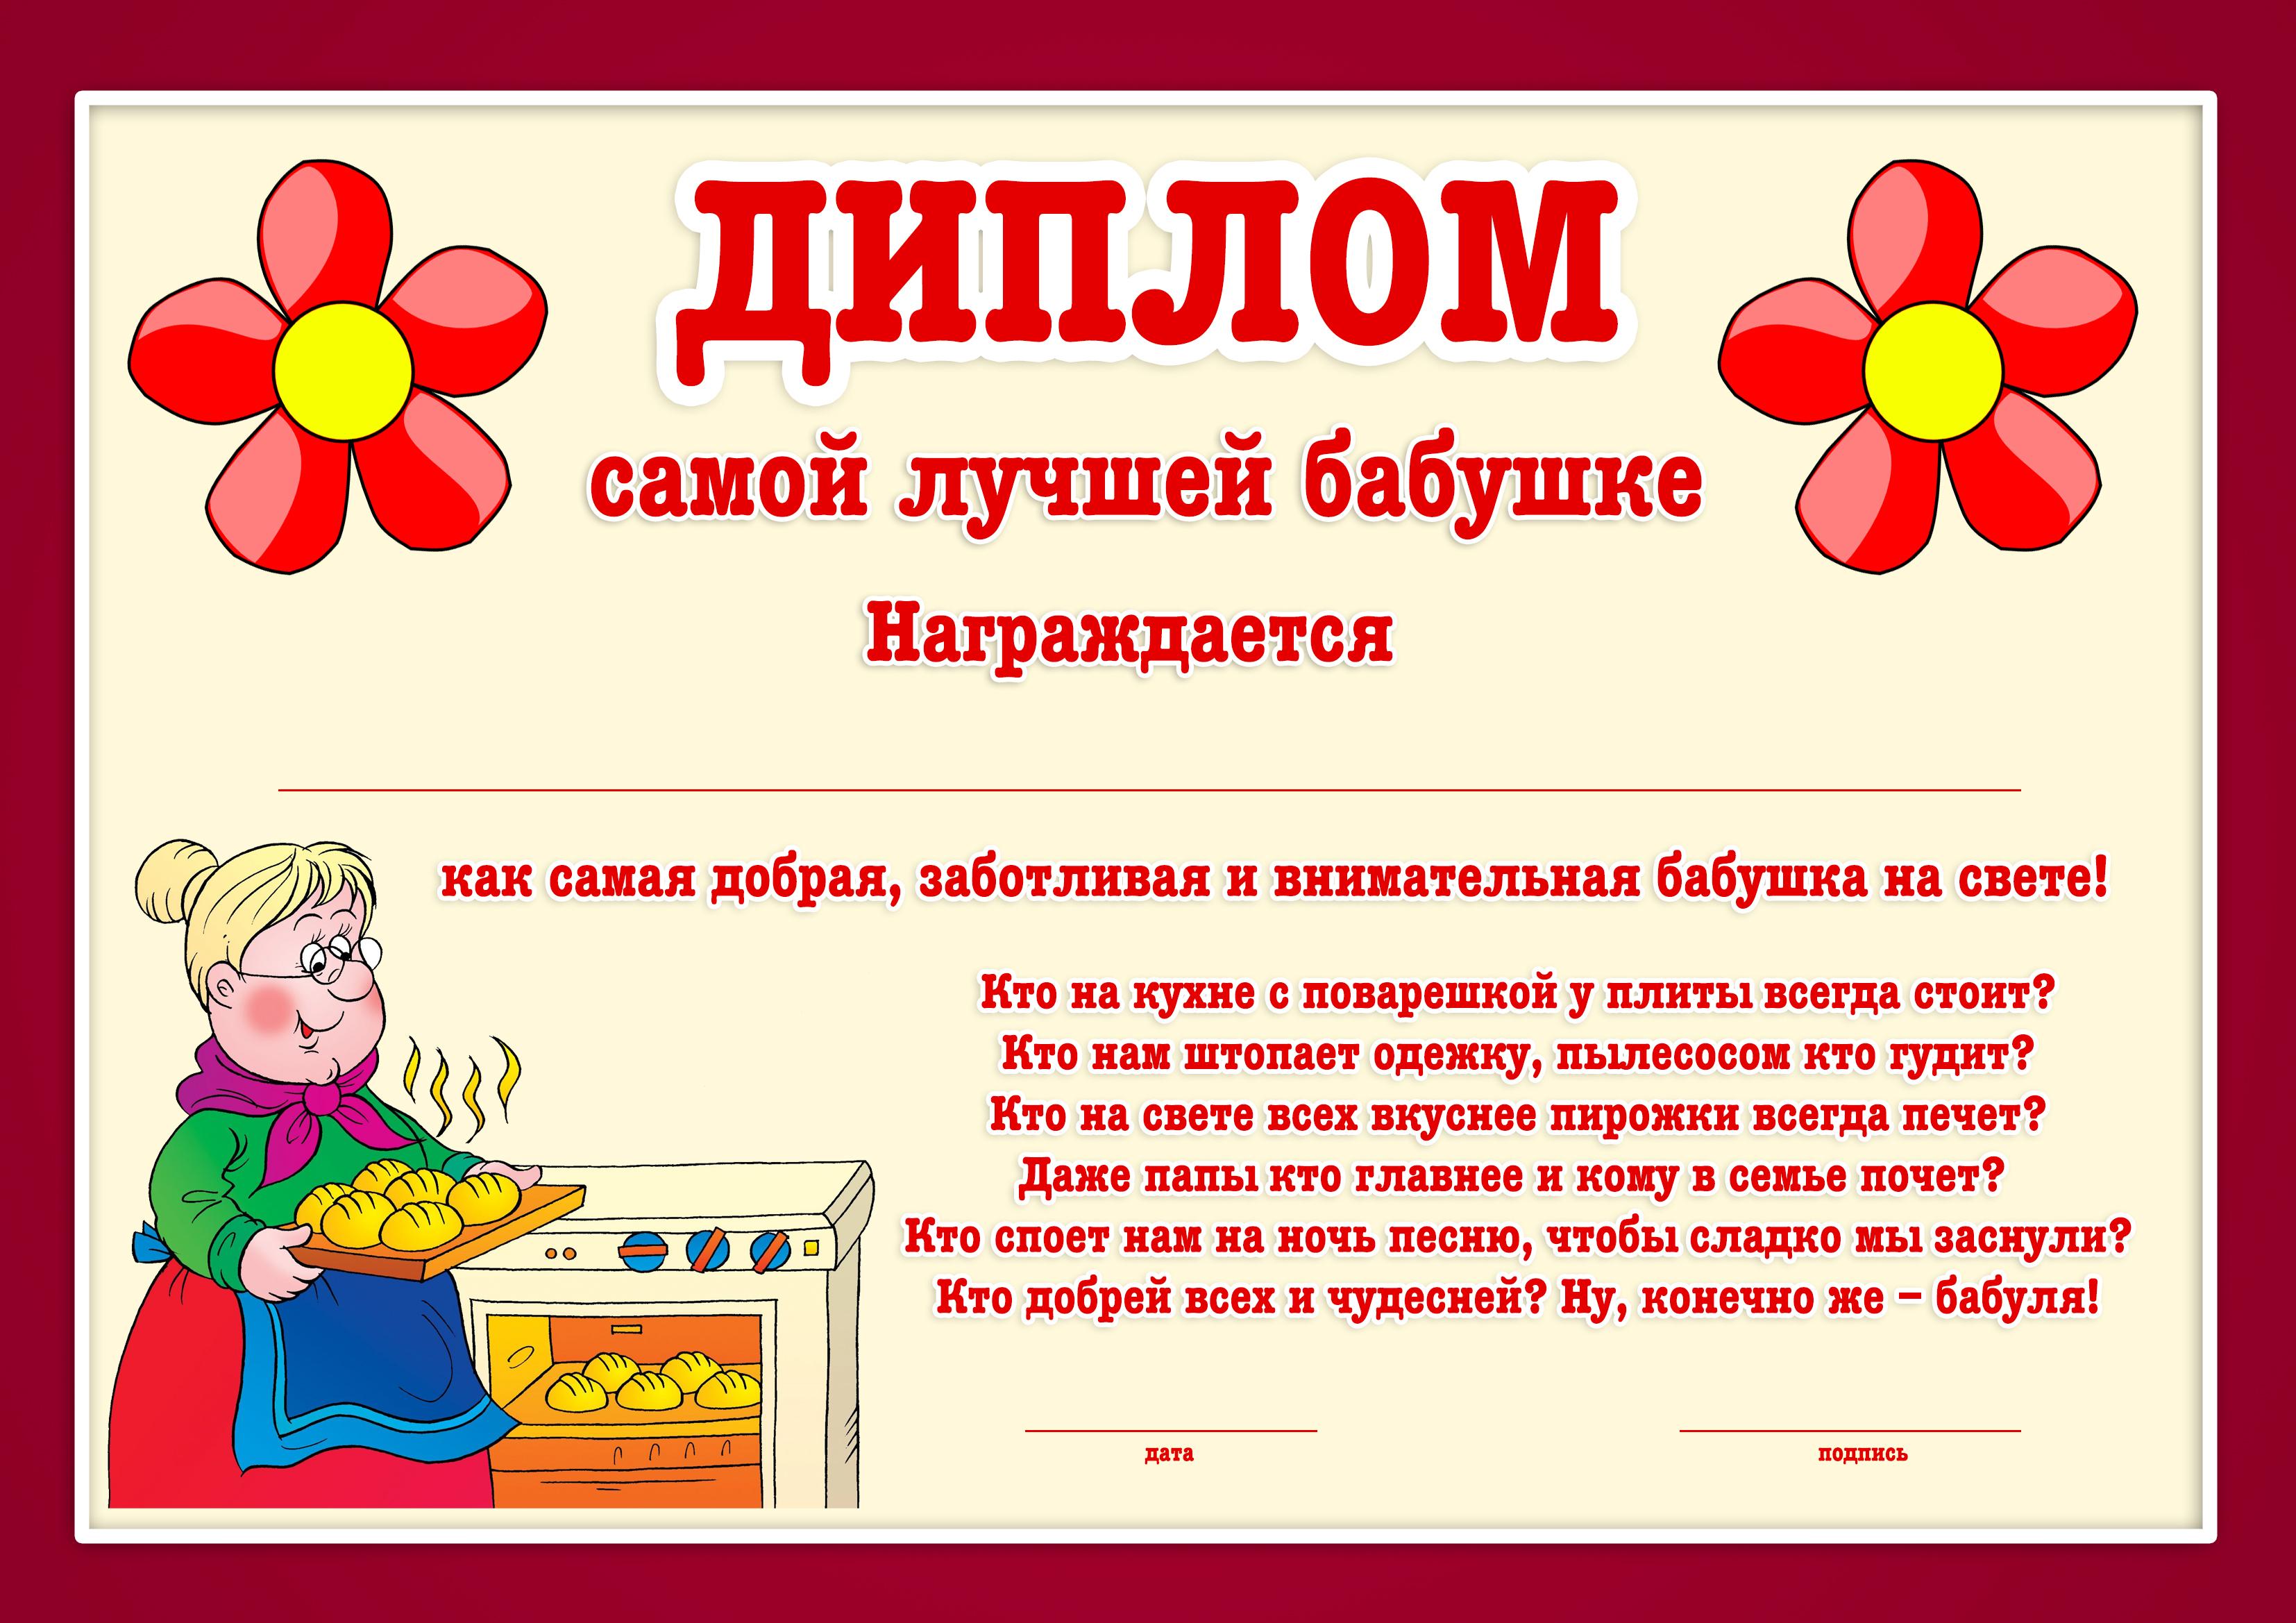 Сценарий дня рождения конкурсы для бабушек